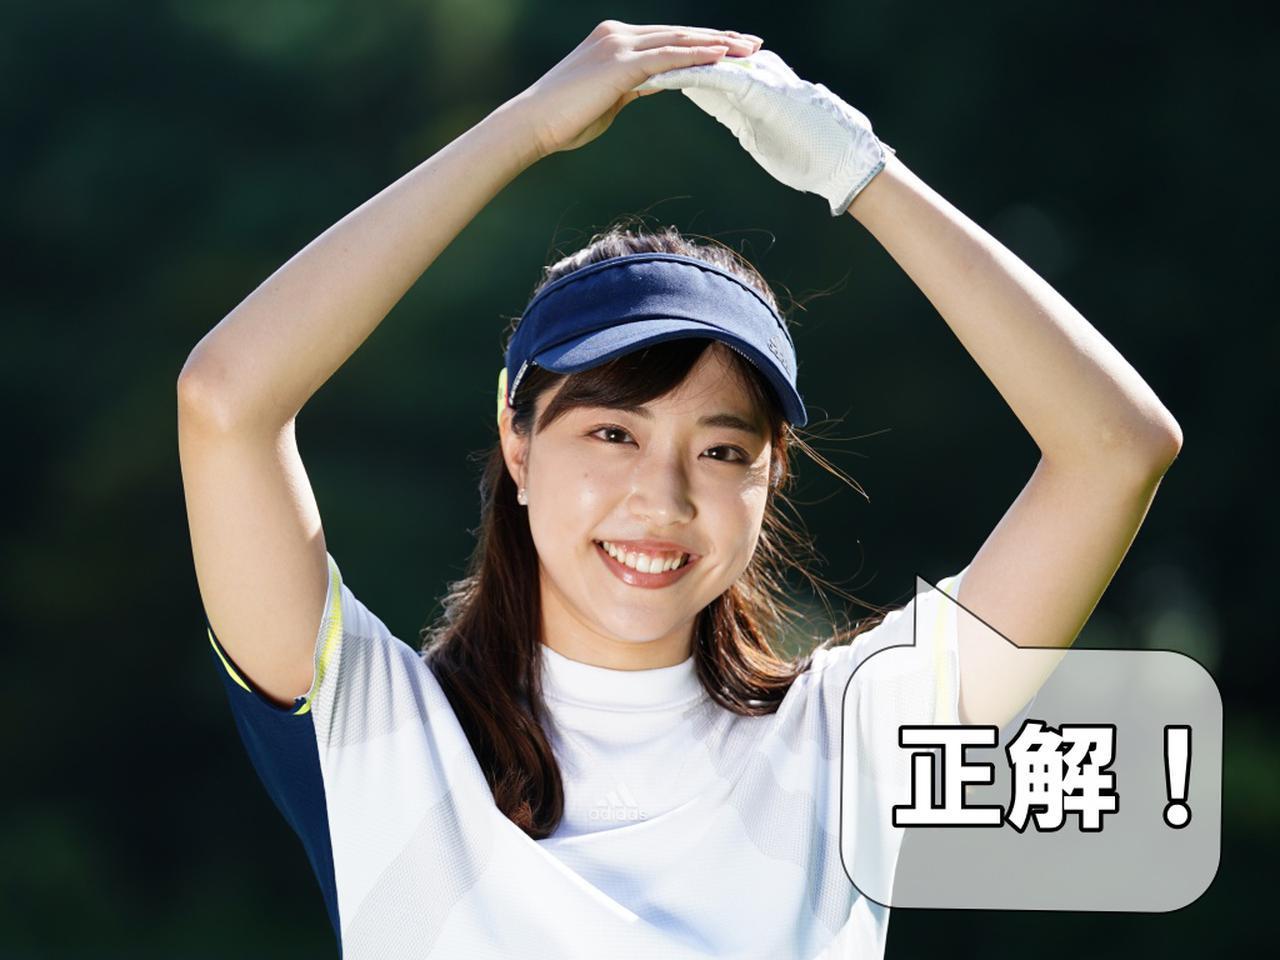 画像6: 【新ルール】風で動いた球がパターに当たって止まった! これって罰あり? なし?